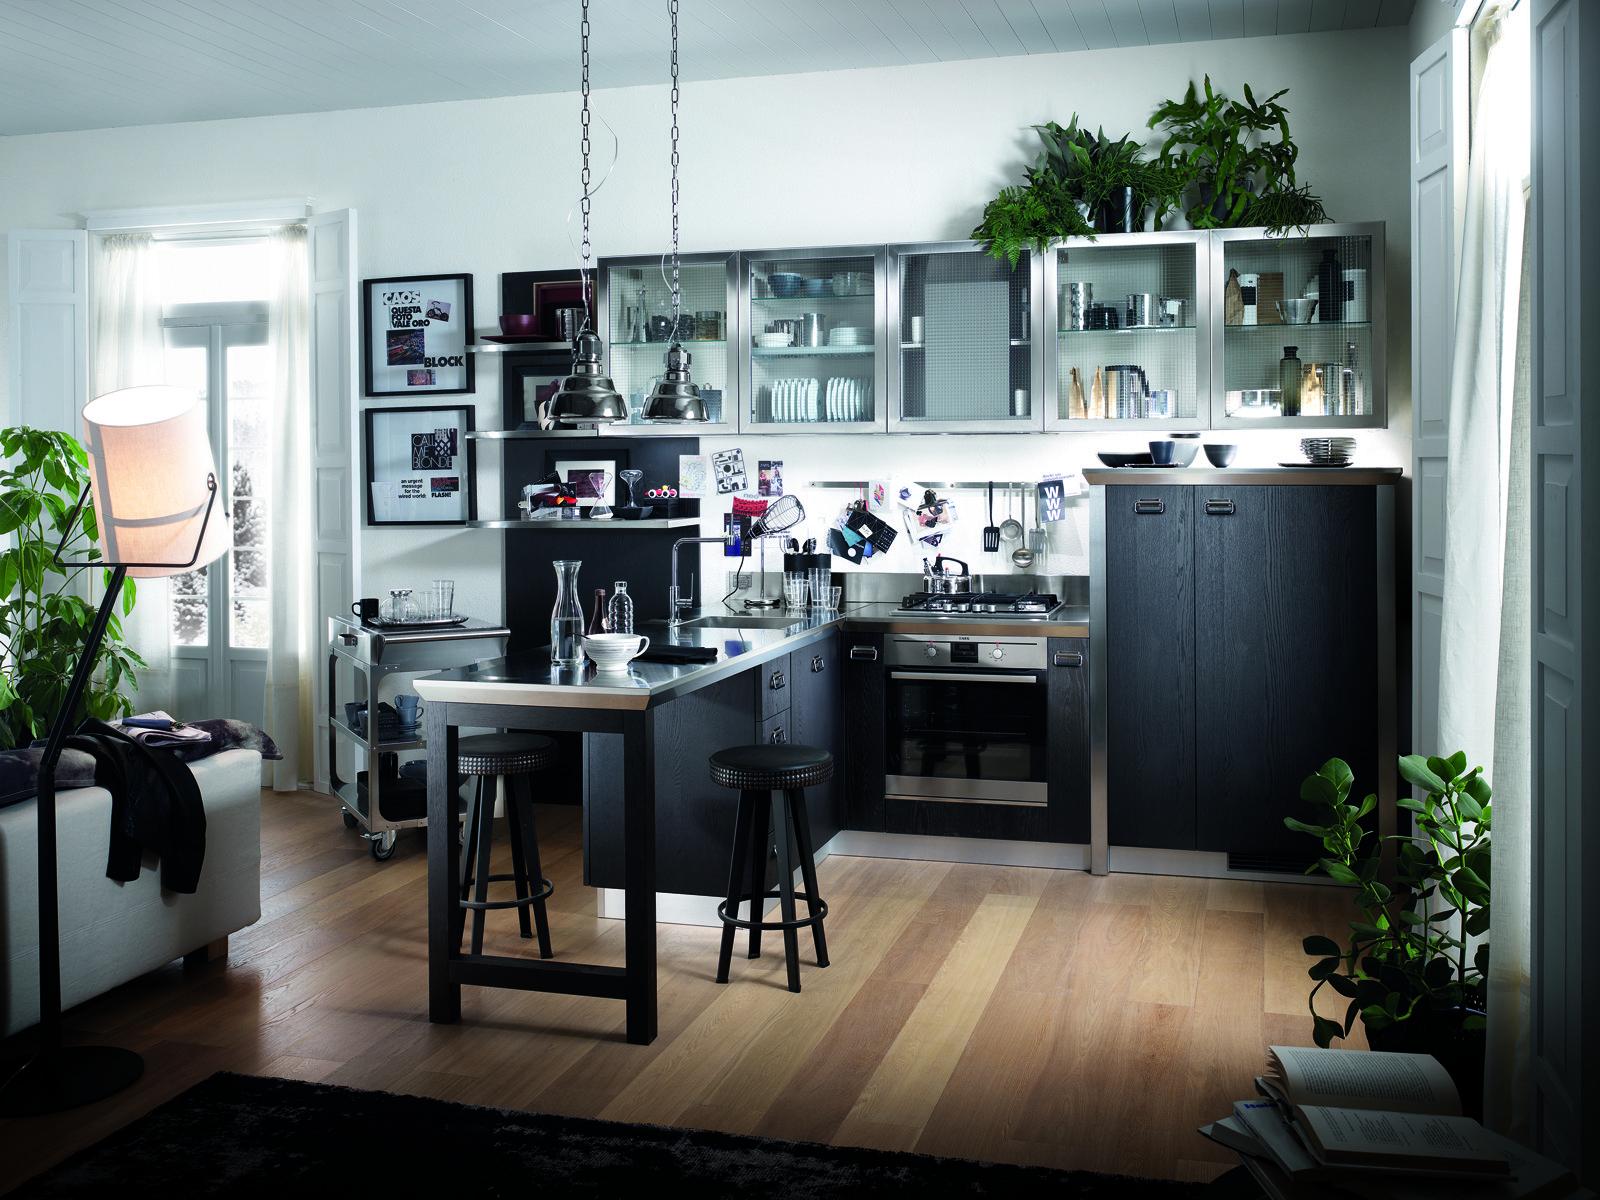 Cucina scavolini con diesel soluzioni di design per un - Cucina diesel scavolini ...